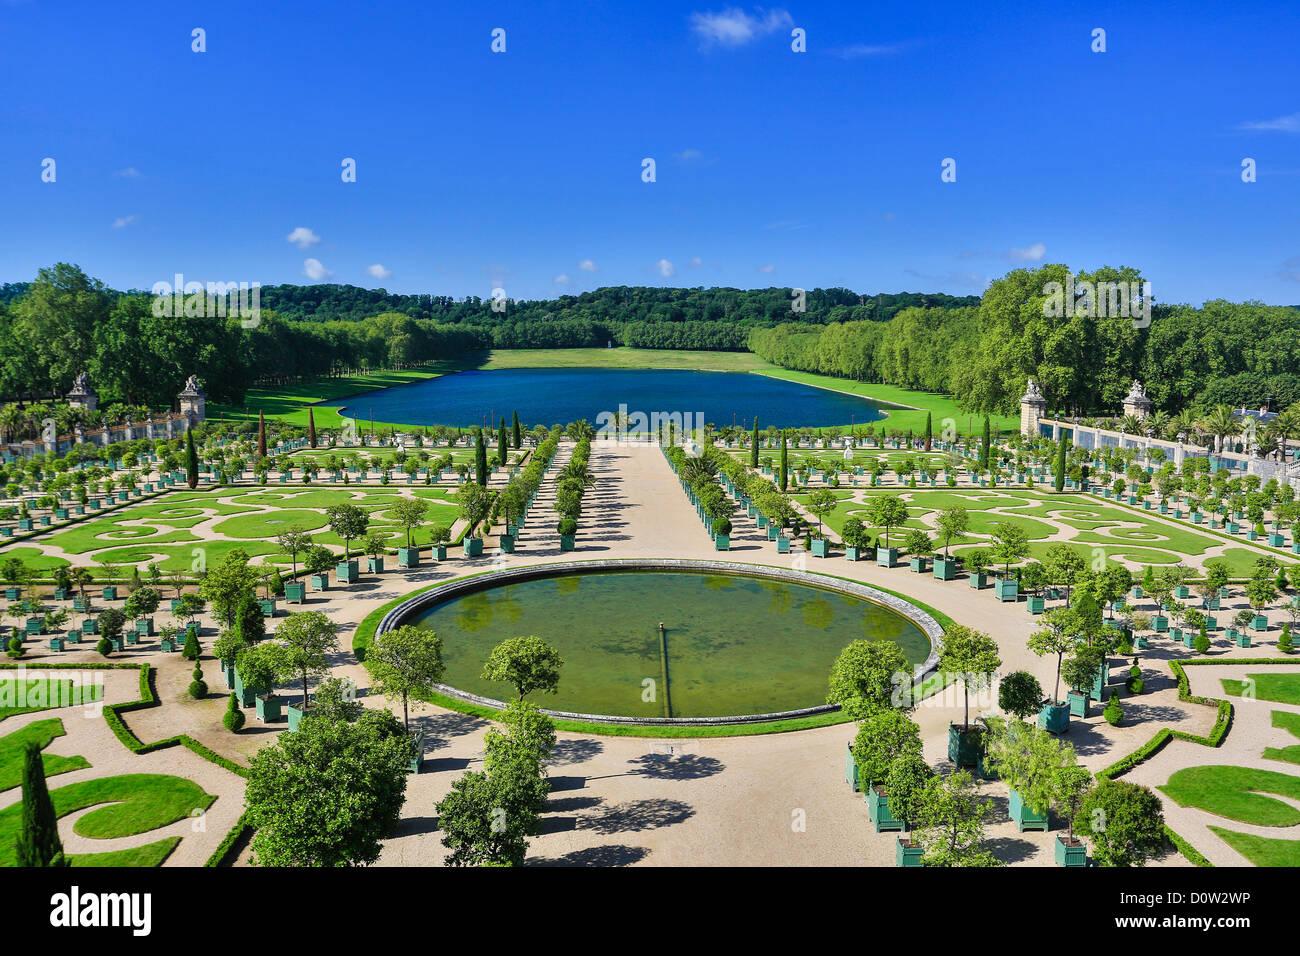 Frankreich, Europa, Reisen, Versailles, Weltkulturerbe, Gärten, Detail, Architektur, Park, Geschichte, Tourismus, Stockbild